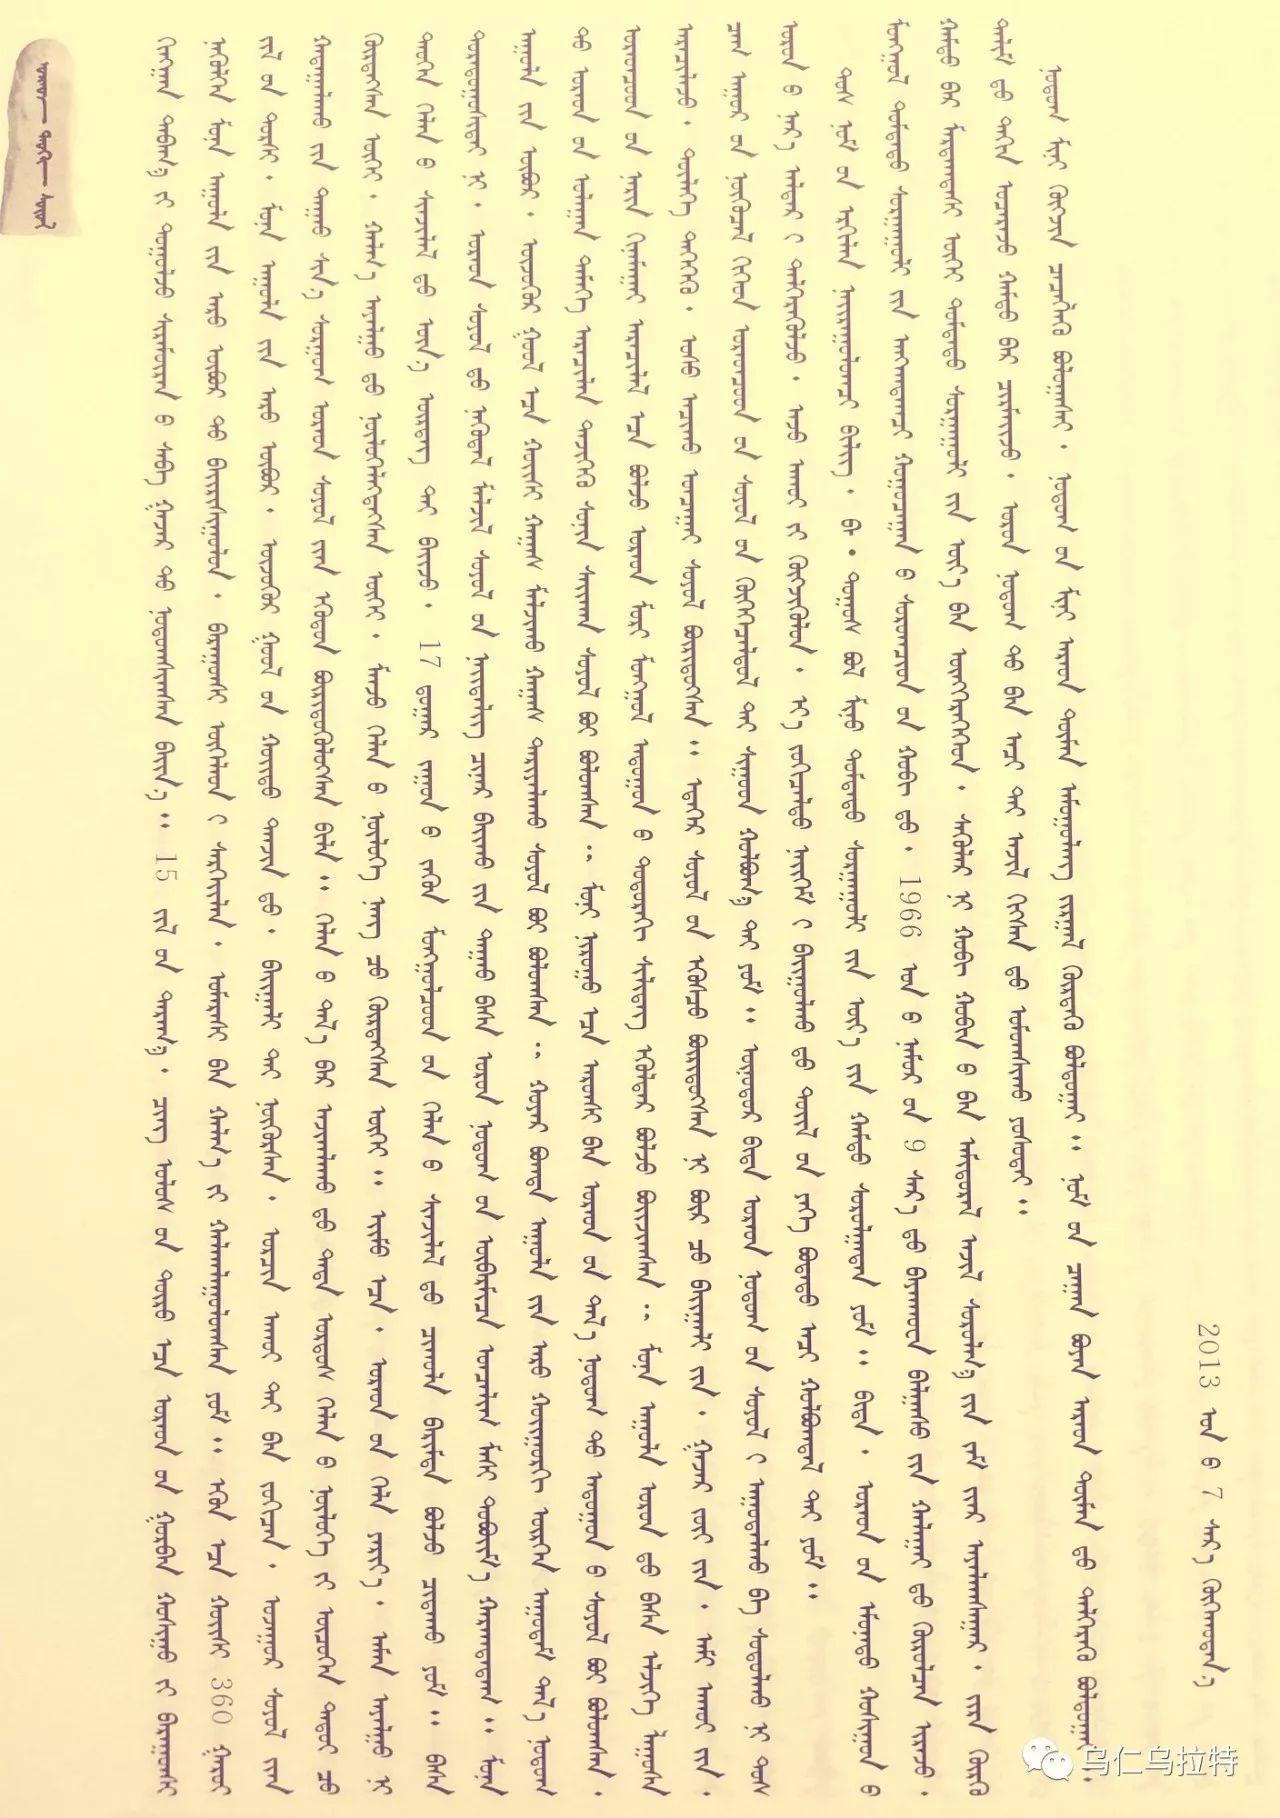 图书介绍《乌拉特历史文化》 第17张